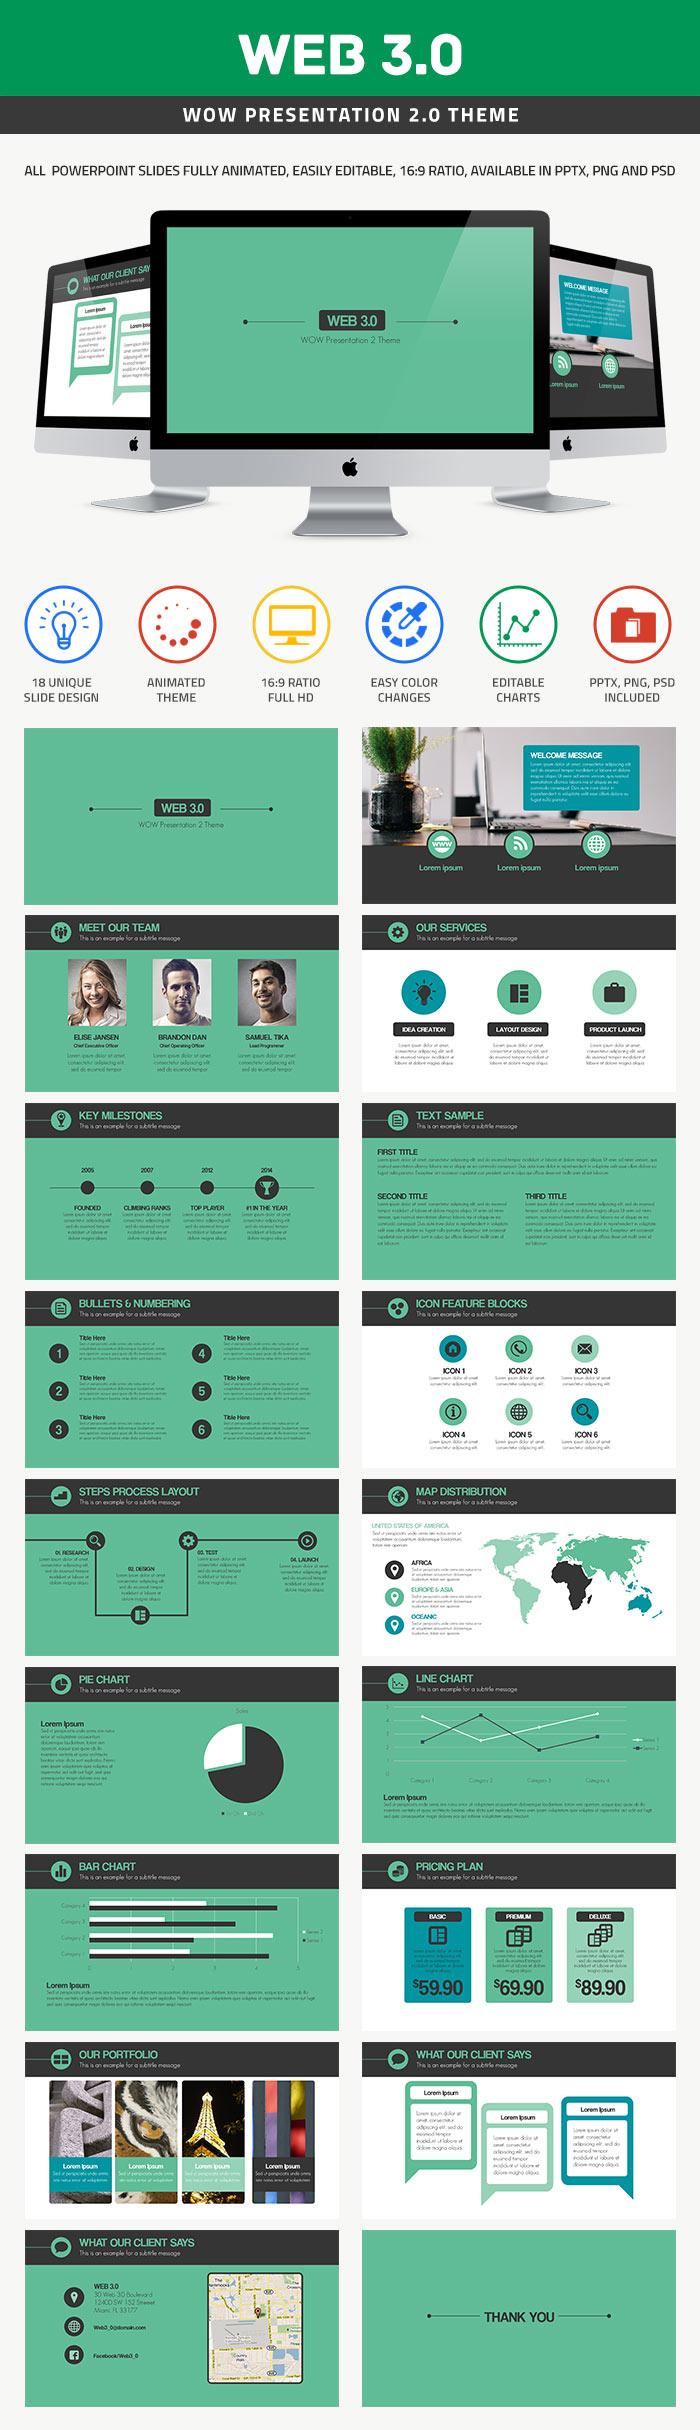 wowpresentation2-preview-web30